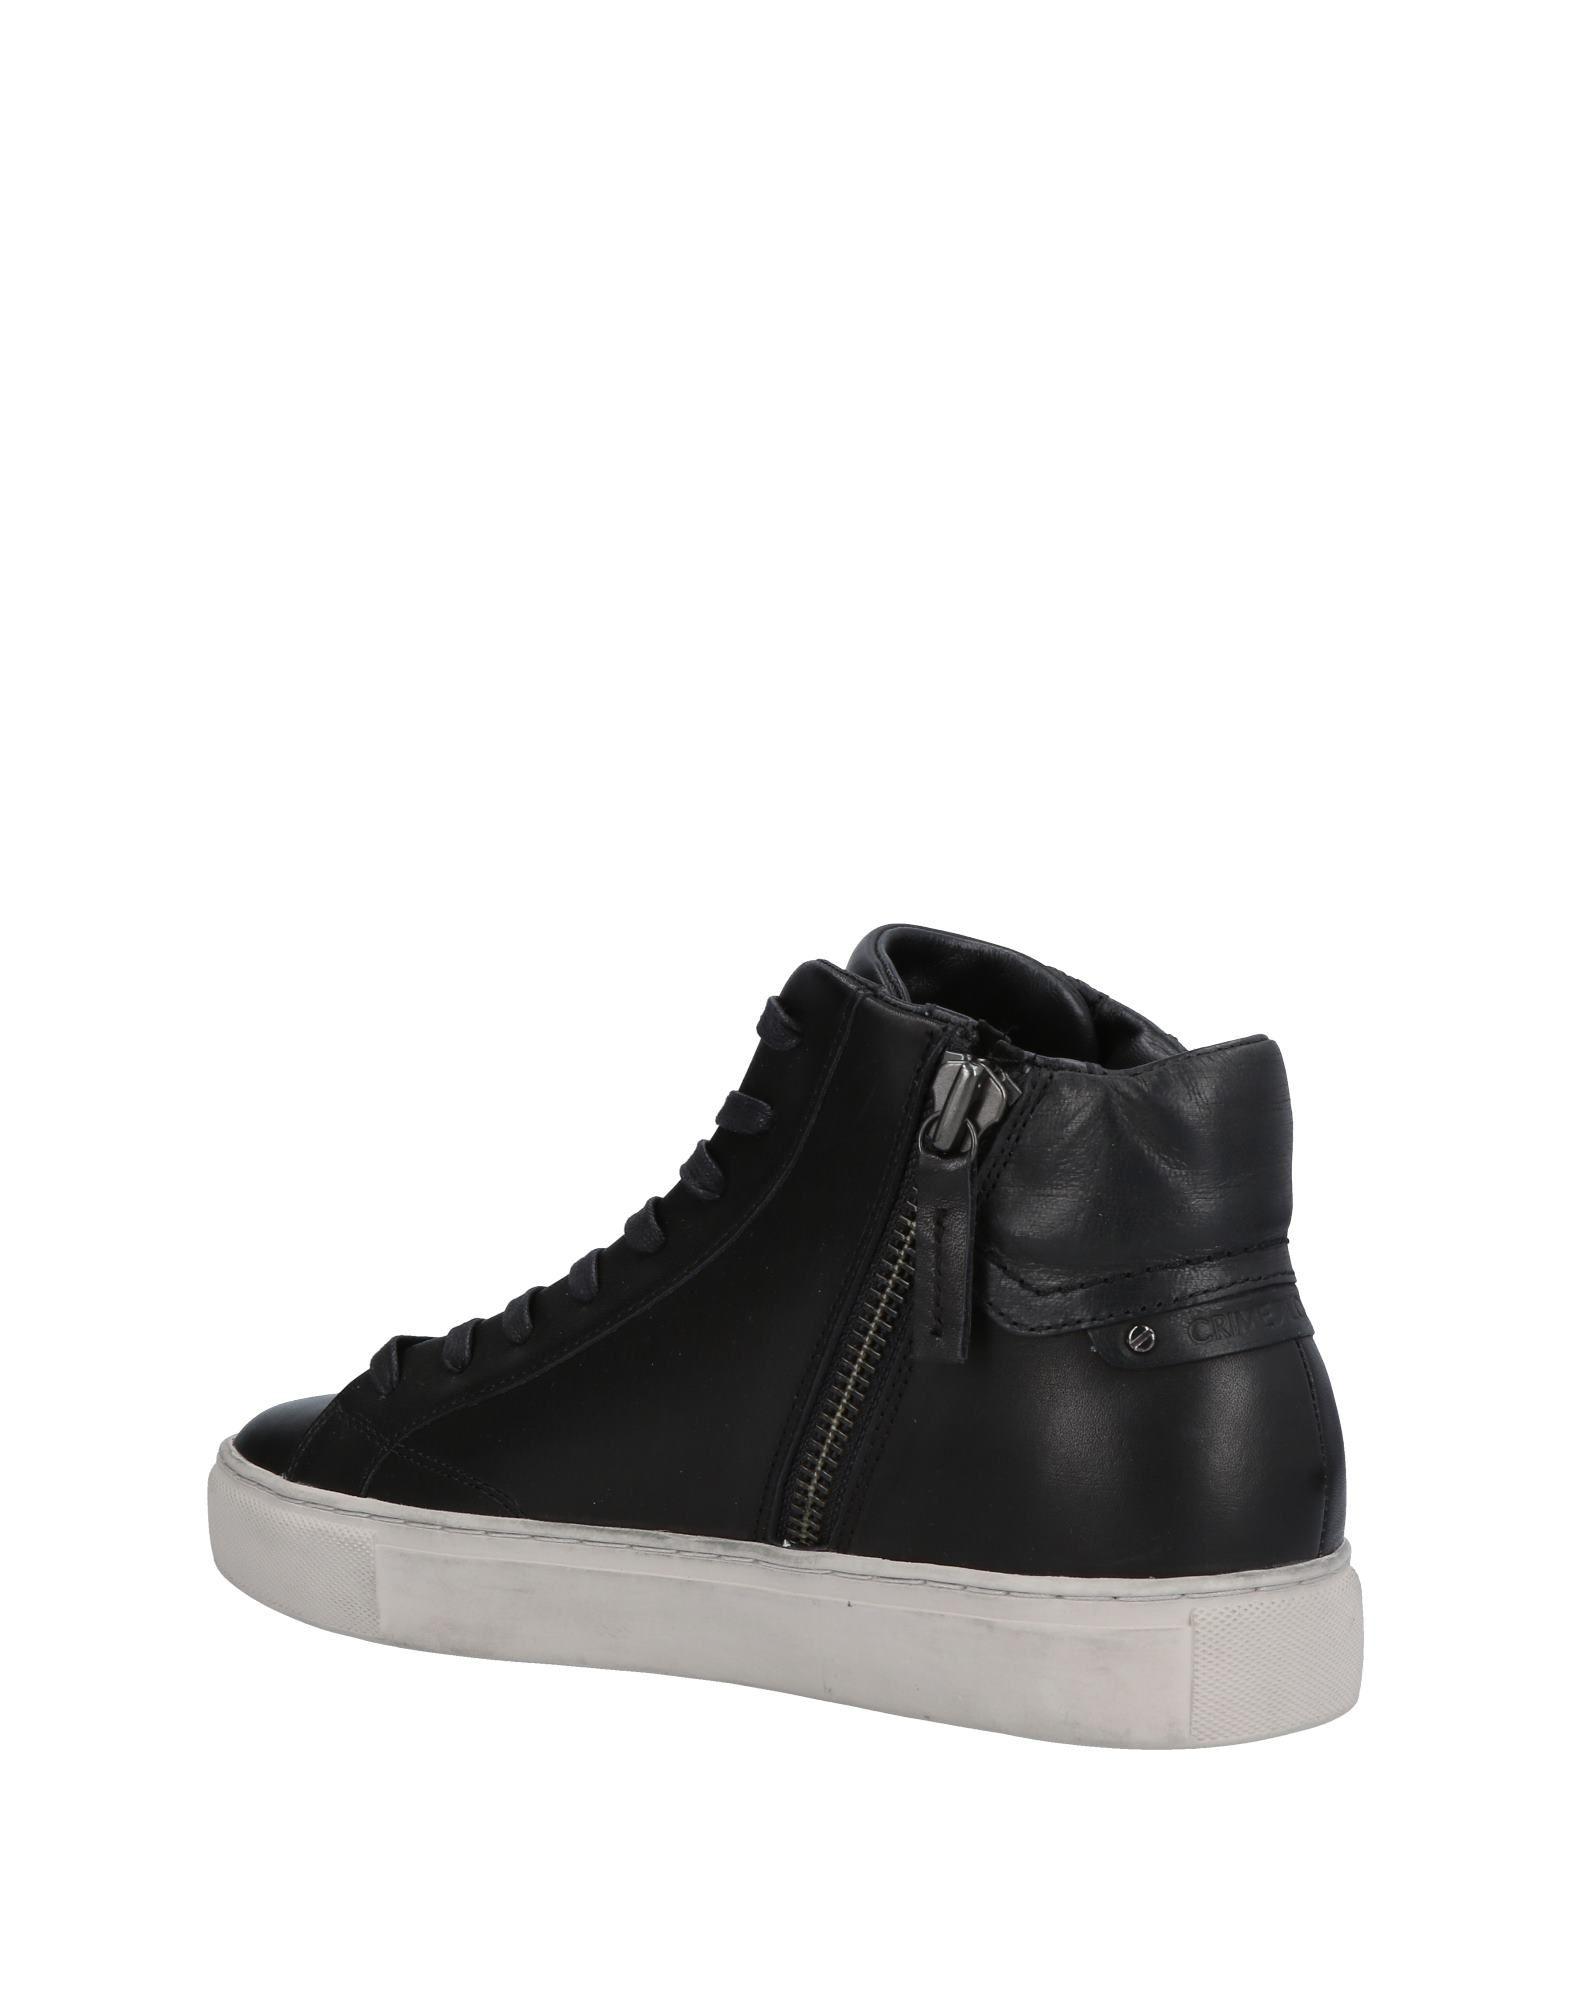 Rabatt echte Sneakers Schuhe Crime London Sneakers echte Herren  11467144CE 45698f